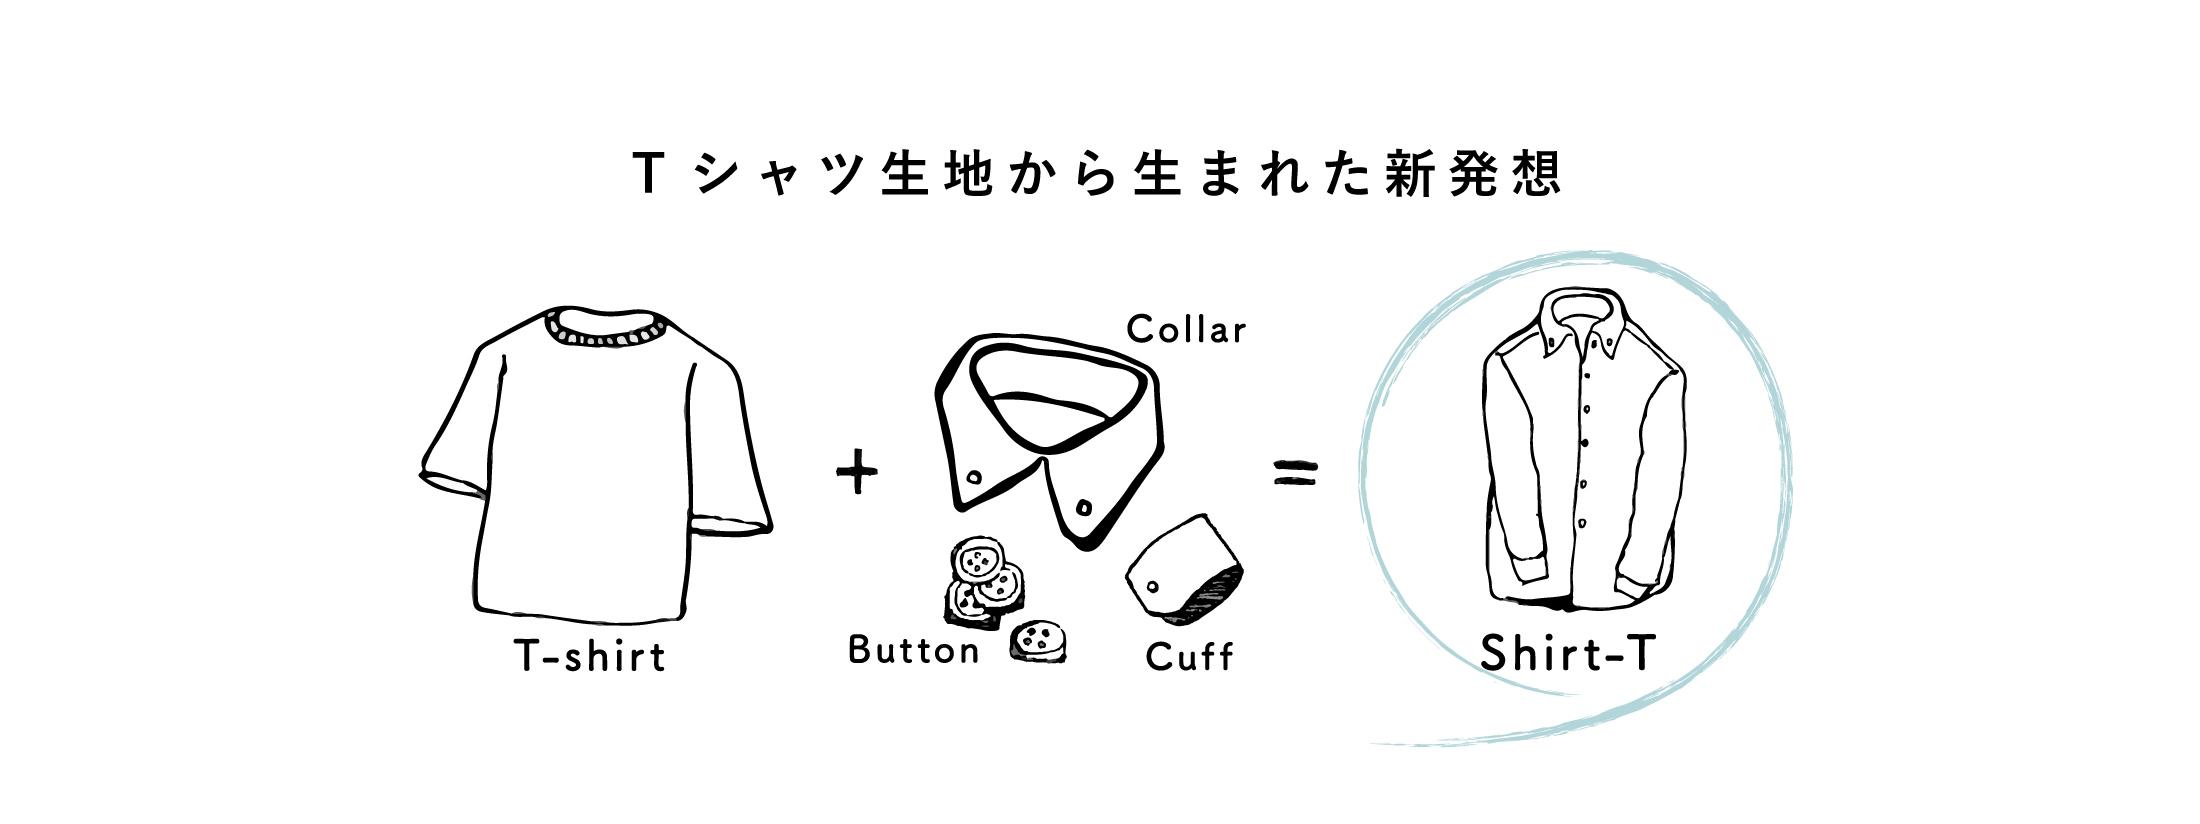 Tシャツ生地から生まれた新発想